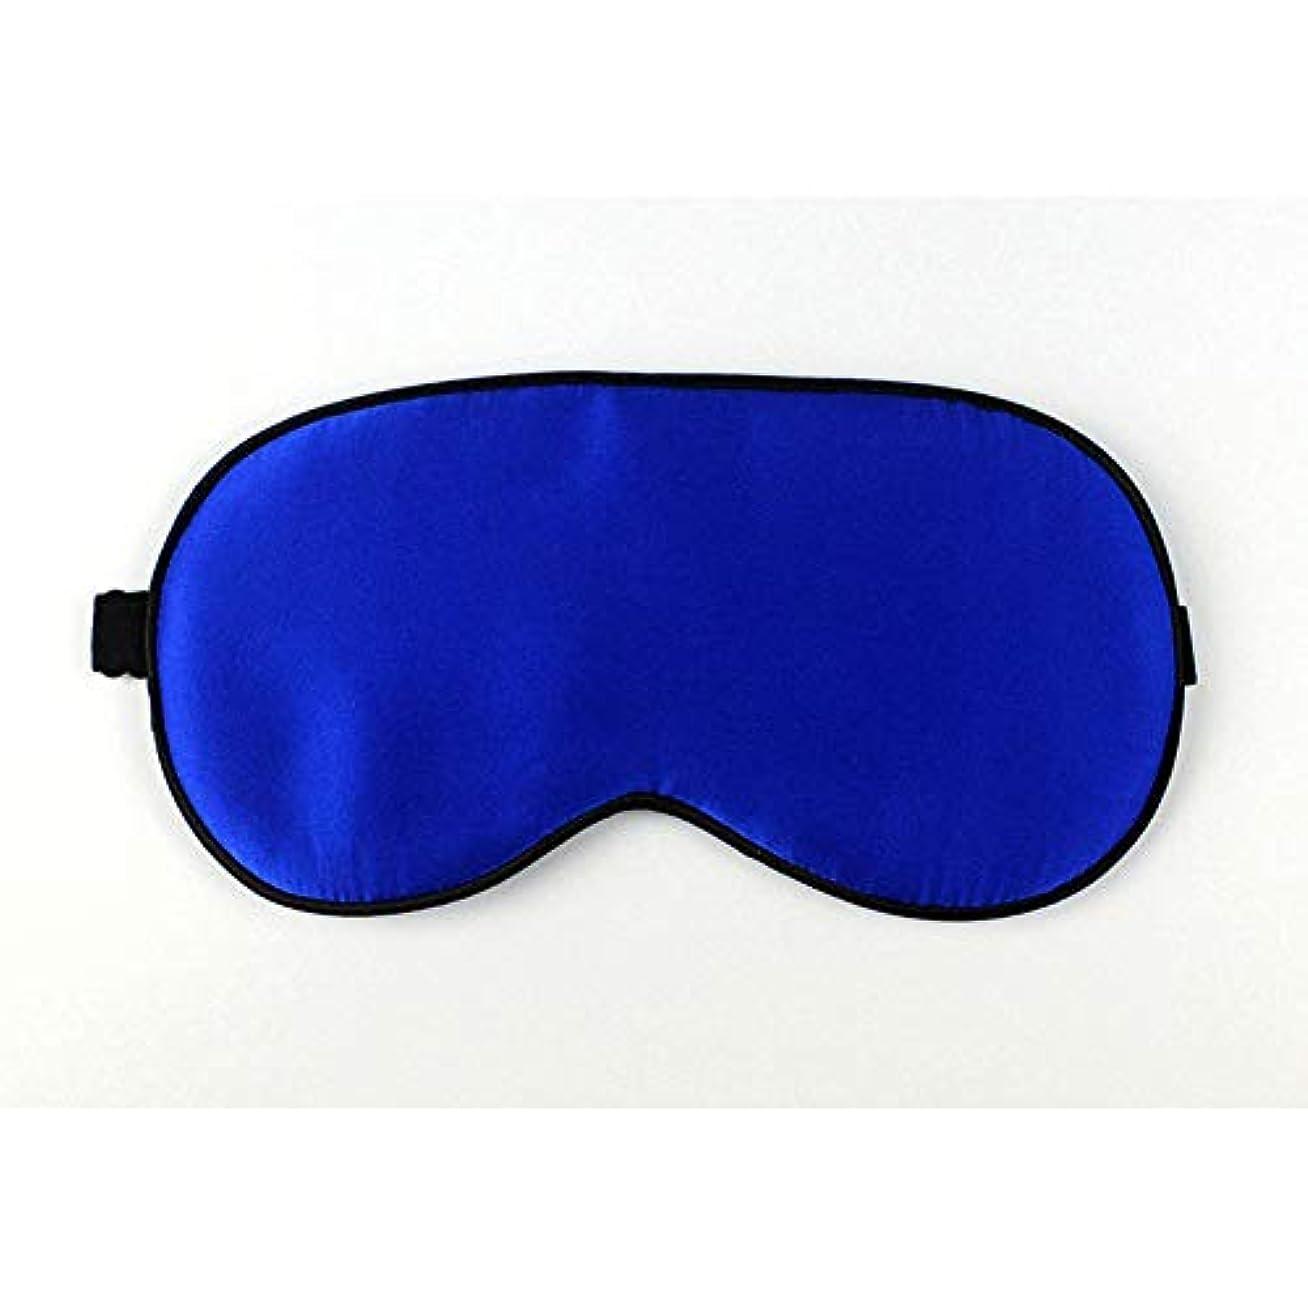 貫通するクリーナートランスミッションXuBa アイマスク ソフト シルク 弾力 睡眠 遮光  完璧な睡眠環境 アイシェード スリープシールド オフィス  ダークブルー